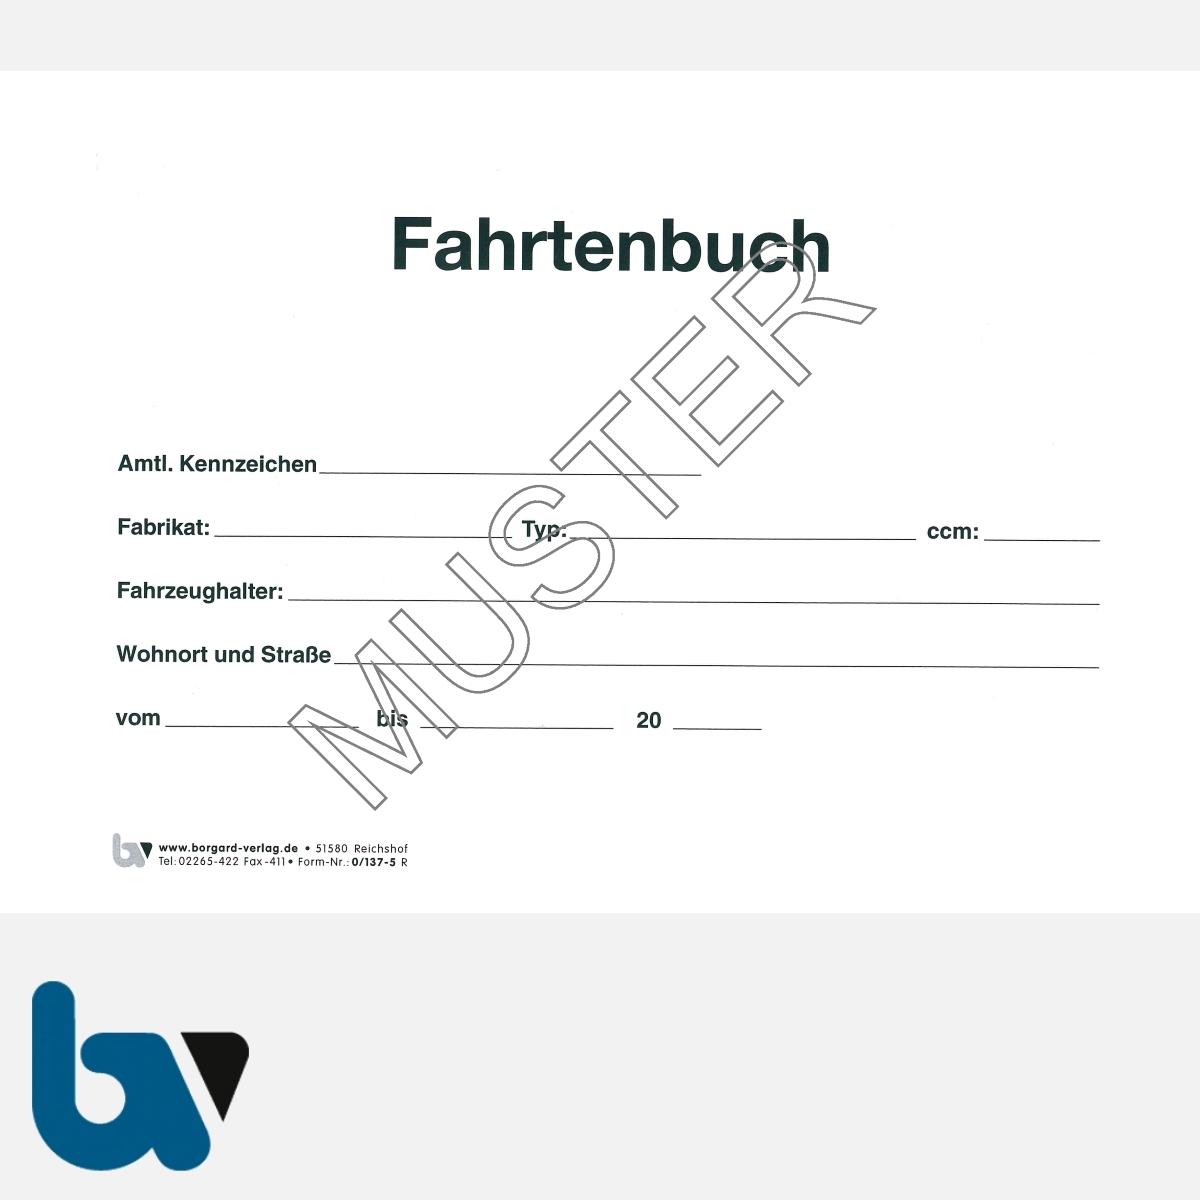 0/137-5 Fahrtenbuch Fahrzeug Dienstreise dienstlich Verwaltung Behörde DIN A5 Seite 2 | Borgard Verlag GmbH